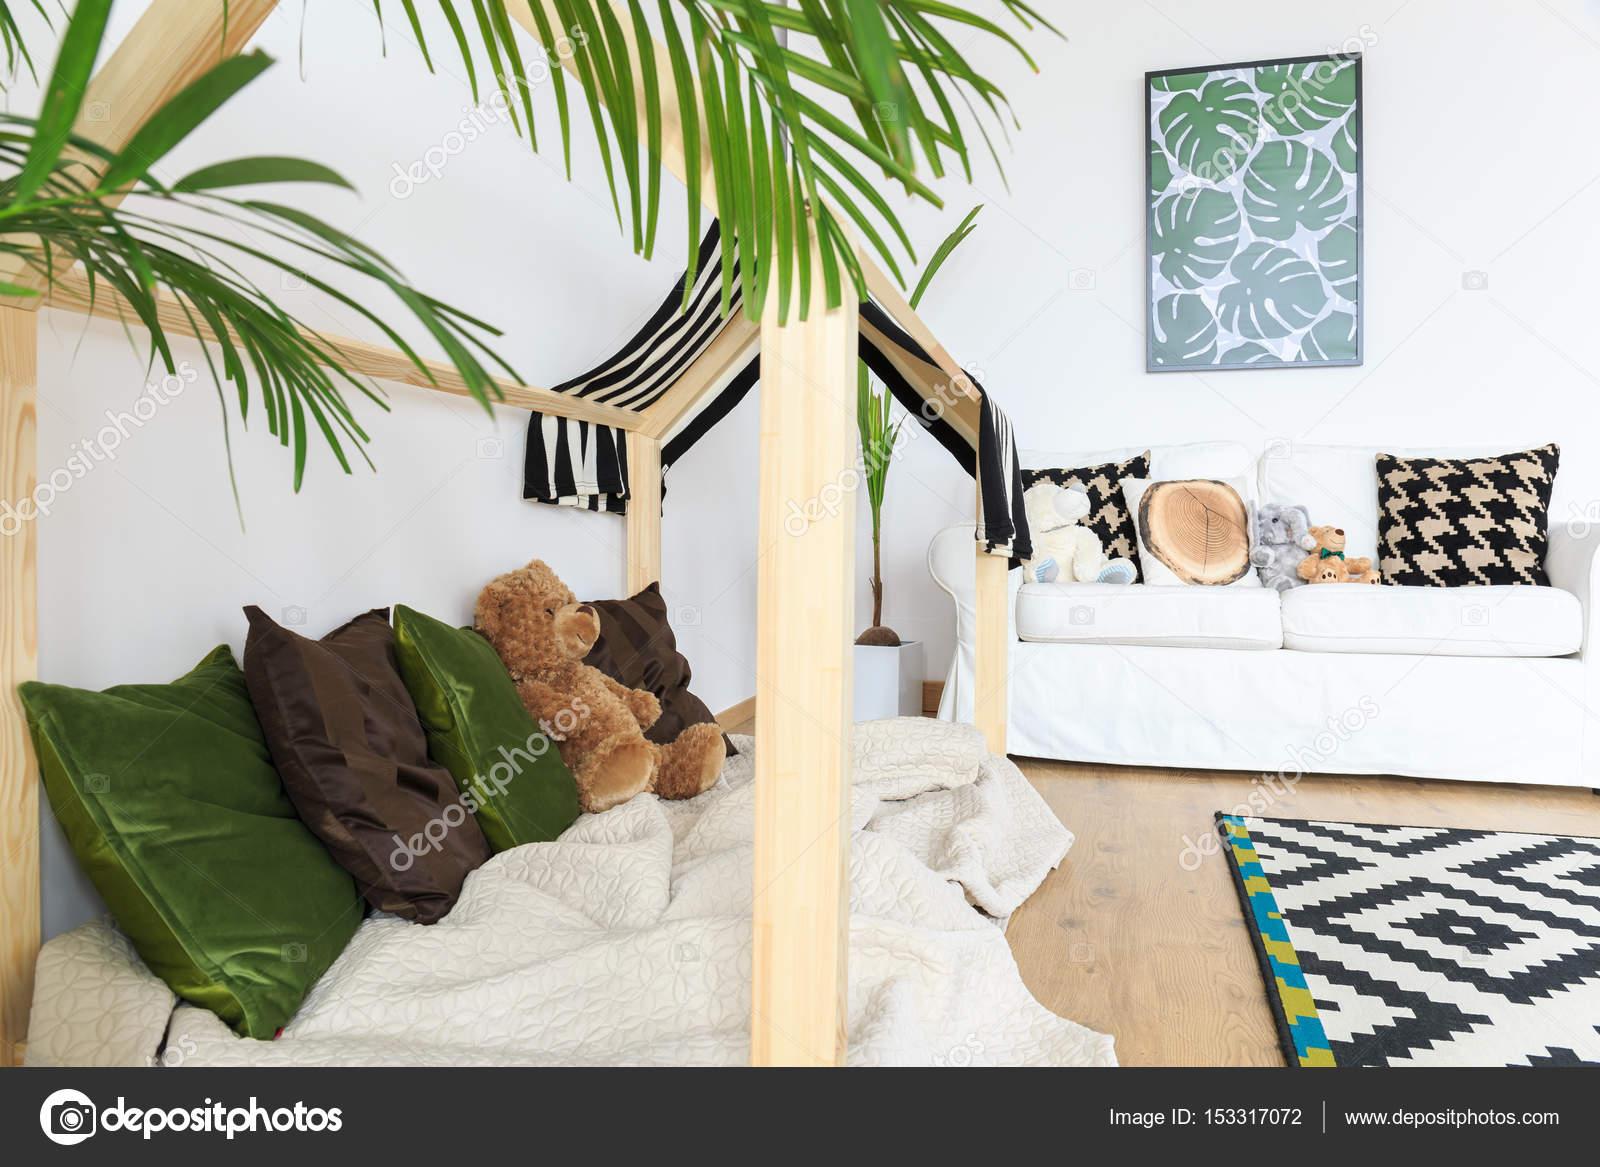 https://st3.depositphotos.com/2249091/15331/i/1600/depositphotos_153317072-stock-photo-botanical-and-calm-kids-interior.jpg